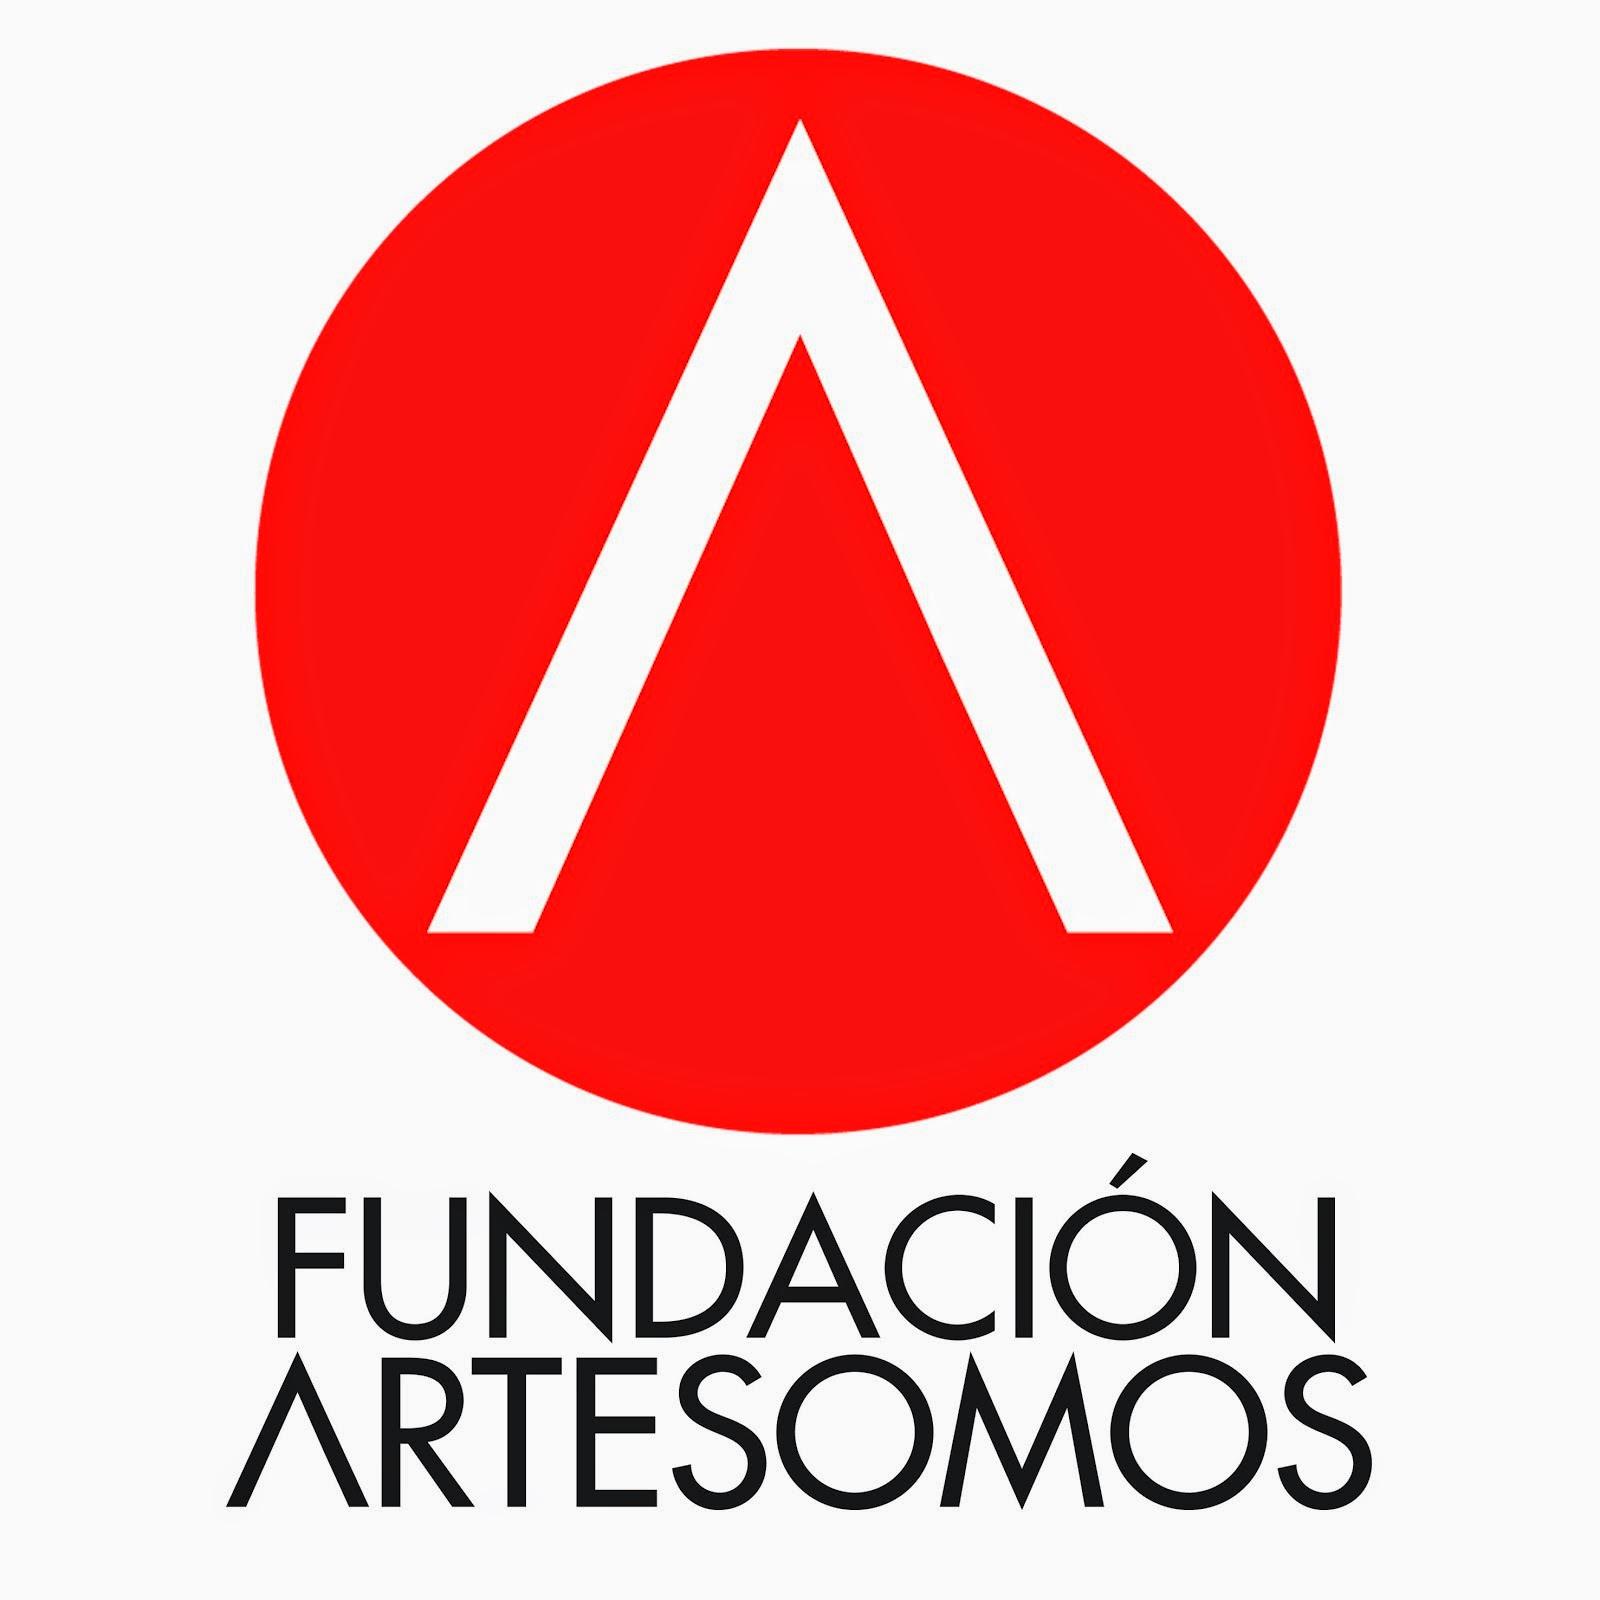 Fundación Artesomos